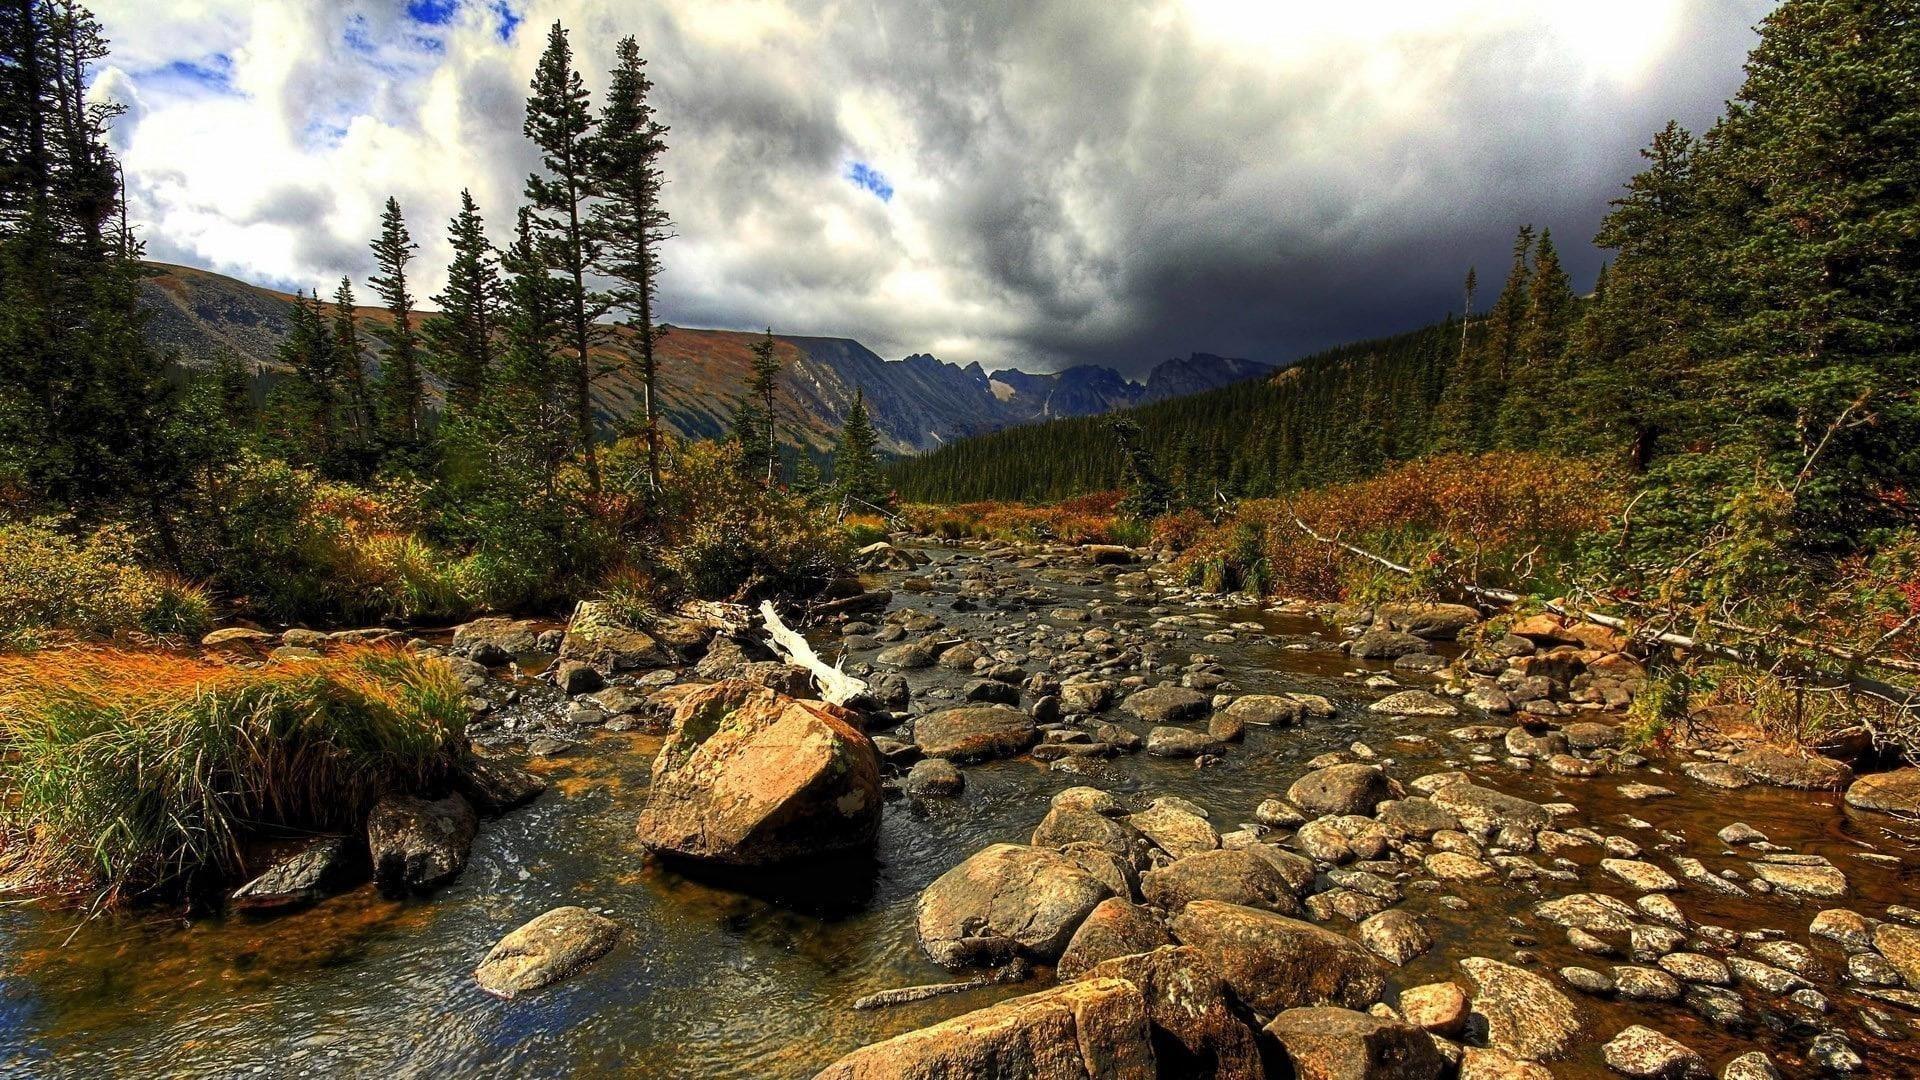 Камни галька камни на воде между зелеными деревьями лес горы фон под белыми облаками небо природа обои скачать